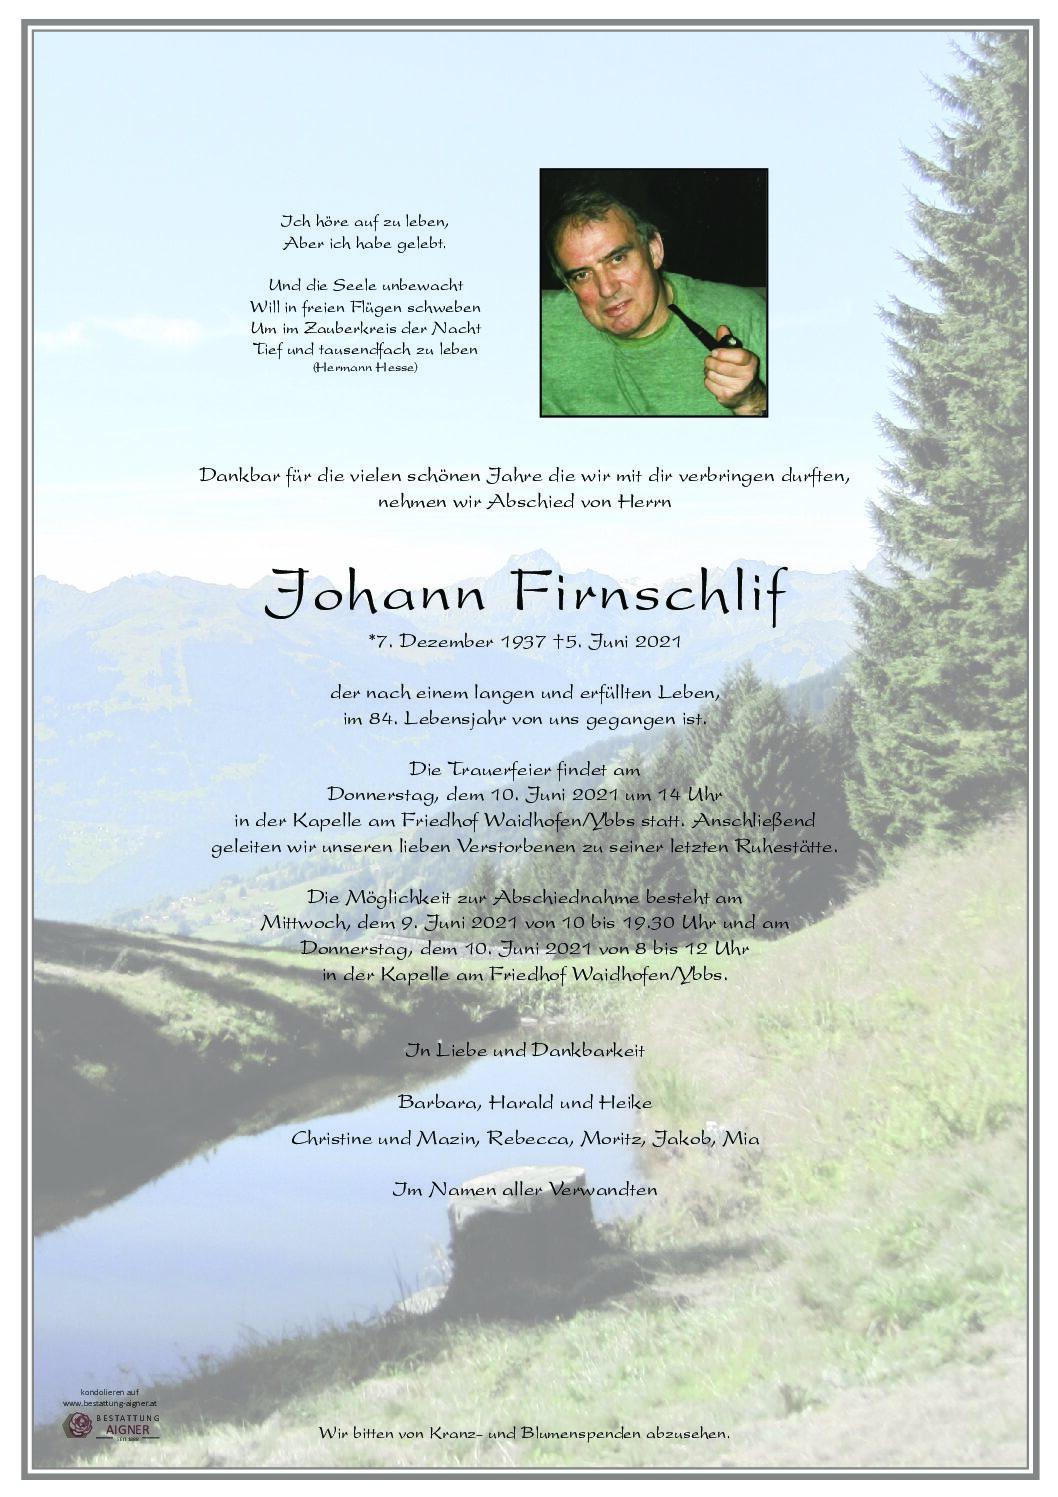 Johann Firnschlif